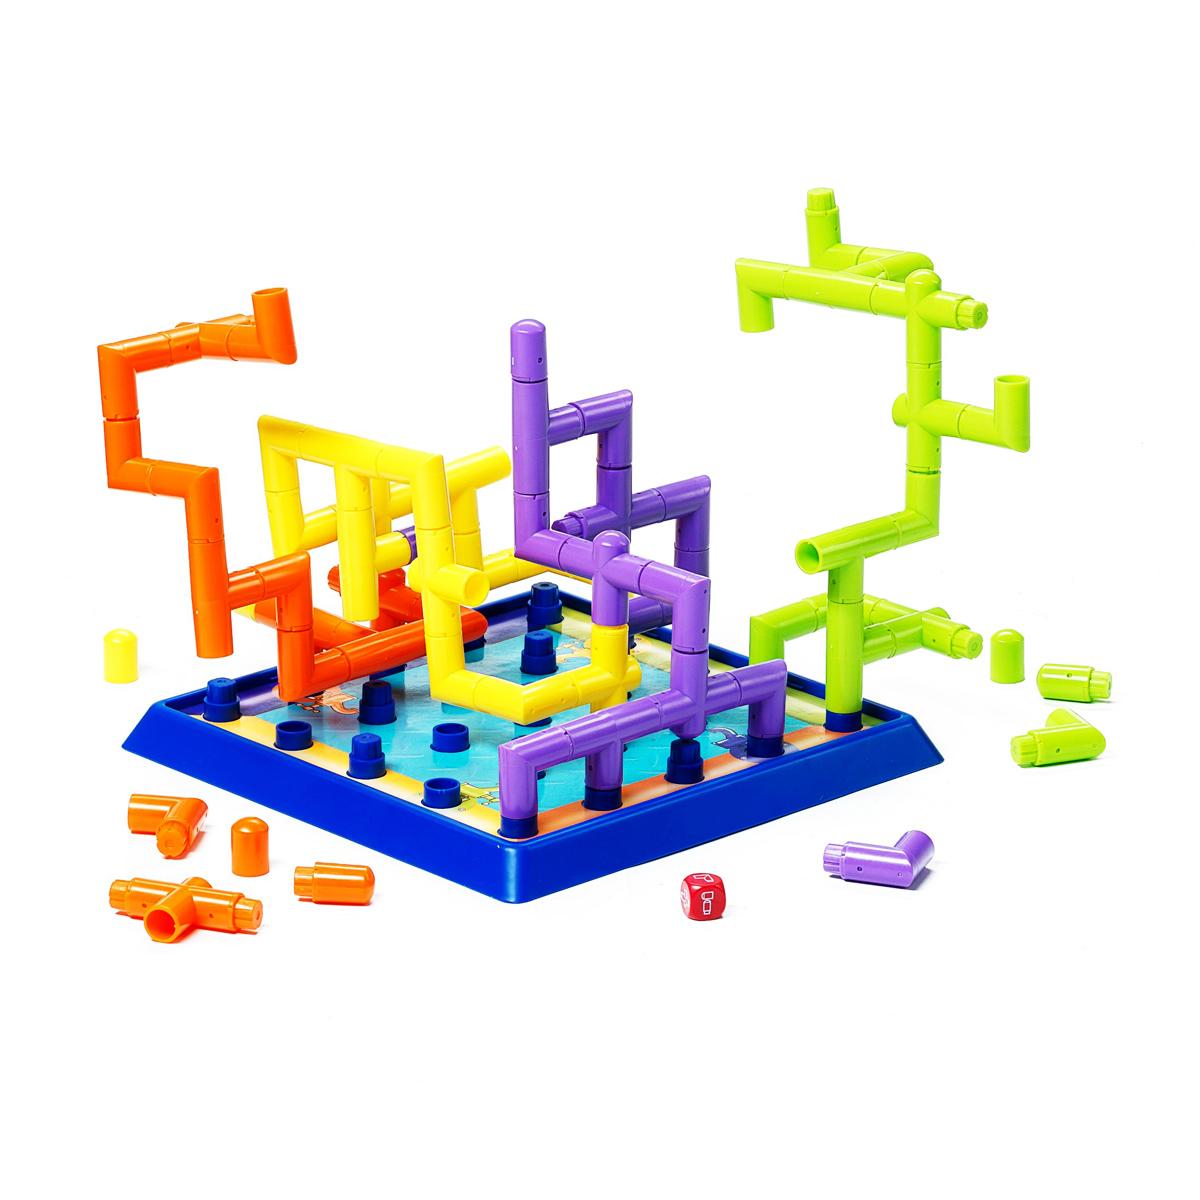 Настольная 3D-игра Bondibon Smartgames МагистральВВ0968Семейная стратегическая игра. Вам предстоит очень важная и ответственная работа: соединить элементы системы труб так, чтобы доставить некое уникальное вещество от его источника прямо на завод по производству универсальной волшебной жидкости. Трубы имеют разную форму, и придется поразмыслить в какую сторону направить свою магистраль, чтобы конкуренты не смогли помешать. Побеждает тот, кто первым завершит конструкцию, протянув магистраль от отправной точки до противоположной стороны игрового поля. Прекрасные надежные пластмассовые конструкции ярких цветов прослужат долго и смогут не раз воплощать смелые технические решения даже самых юных инженеров. В комплект игры входят: игровое поле, 64 элемента для построения магистрали и кубик.